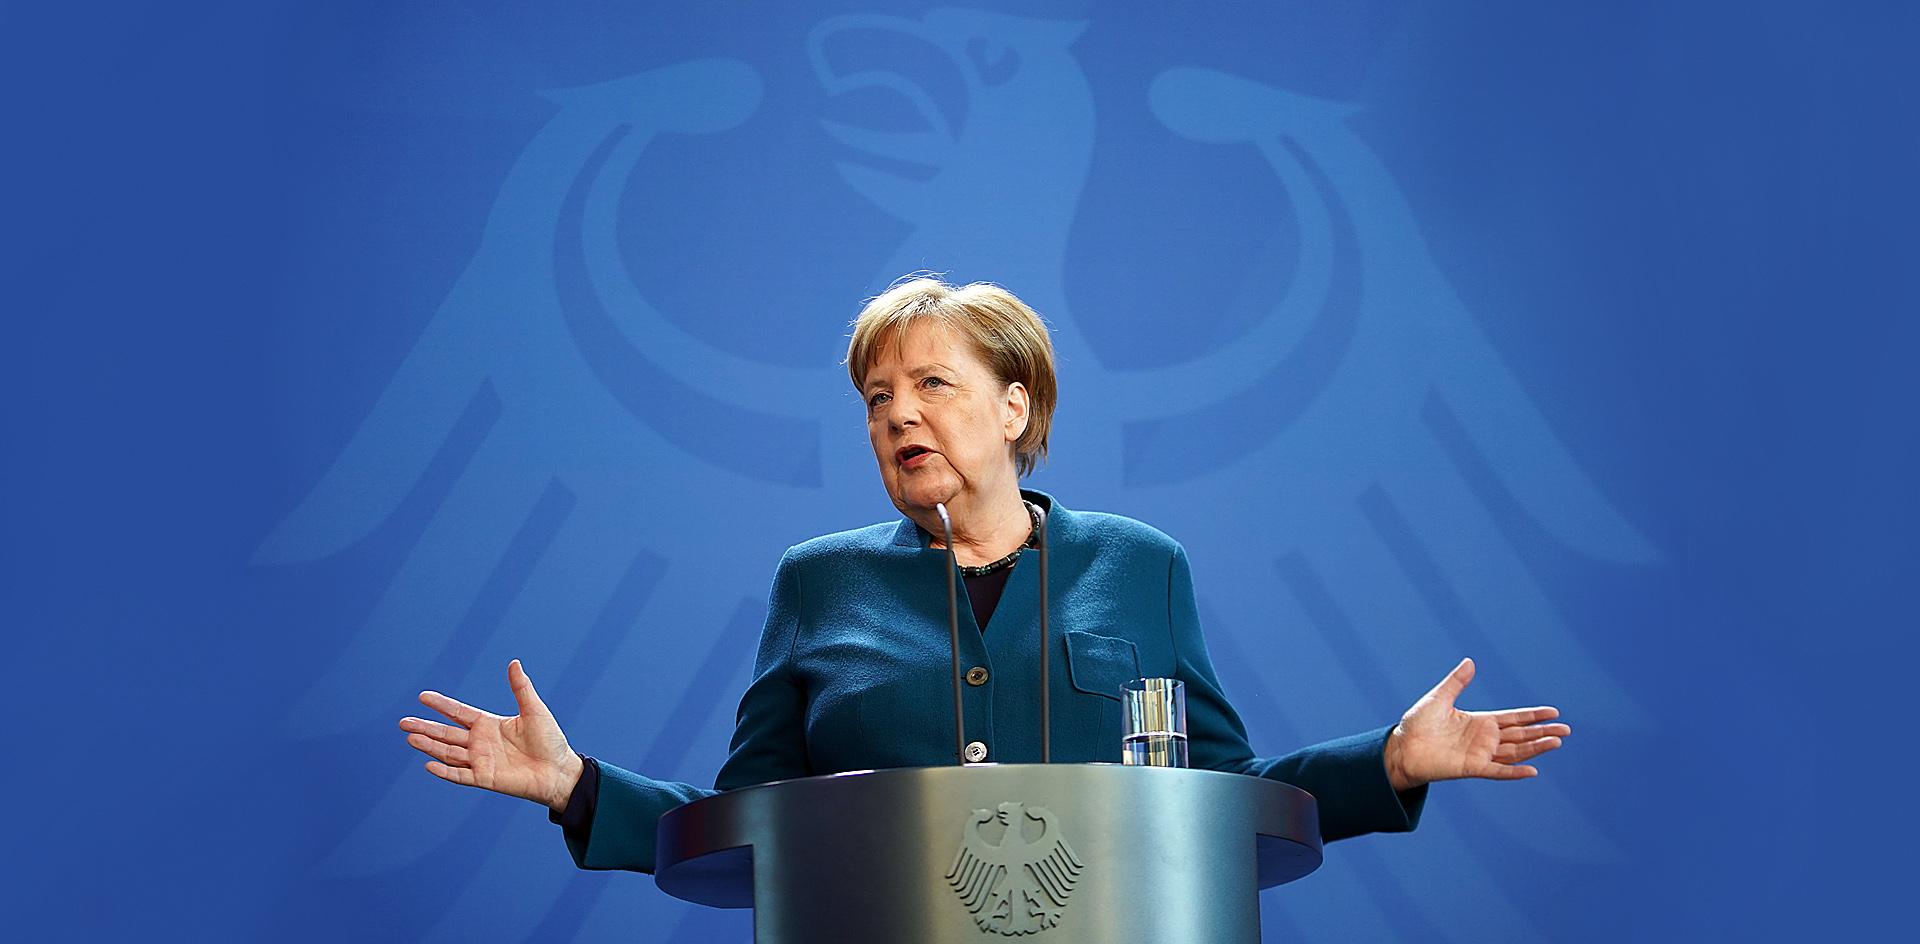 Коронавирус на службе у Меркель